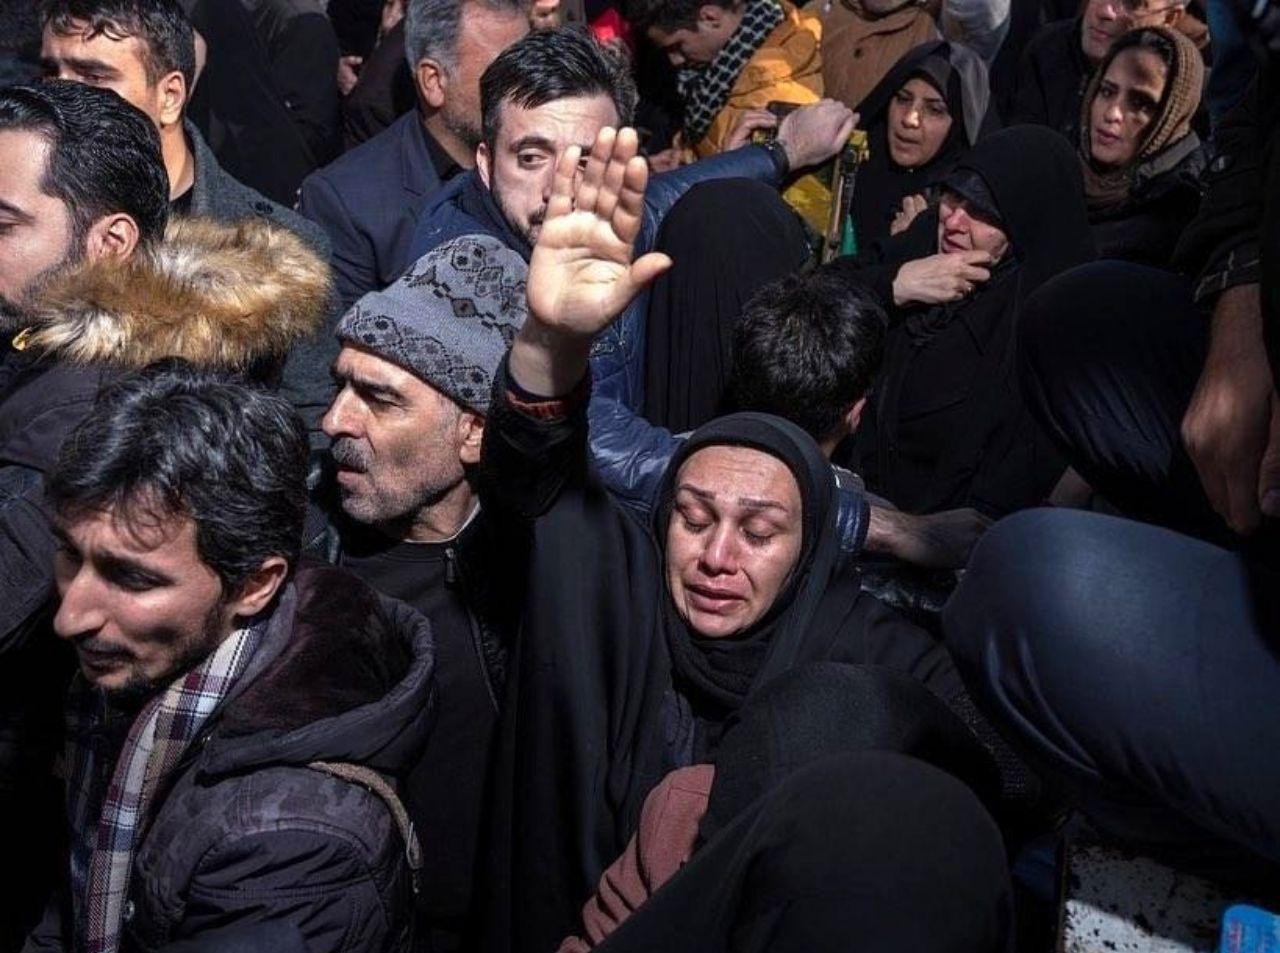 ادای احترام مردم ایران به سپهبد شهید سلیمانی در نشریه تایم + عکس